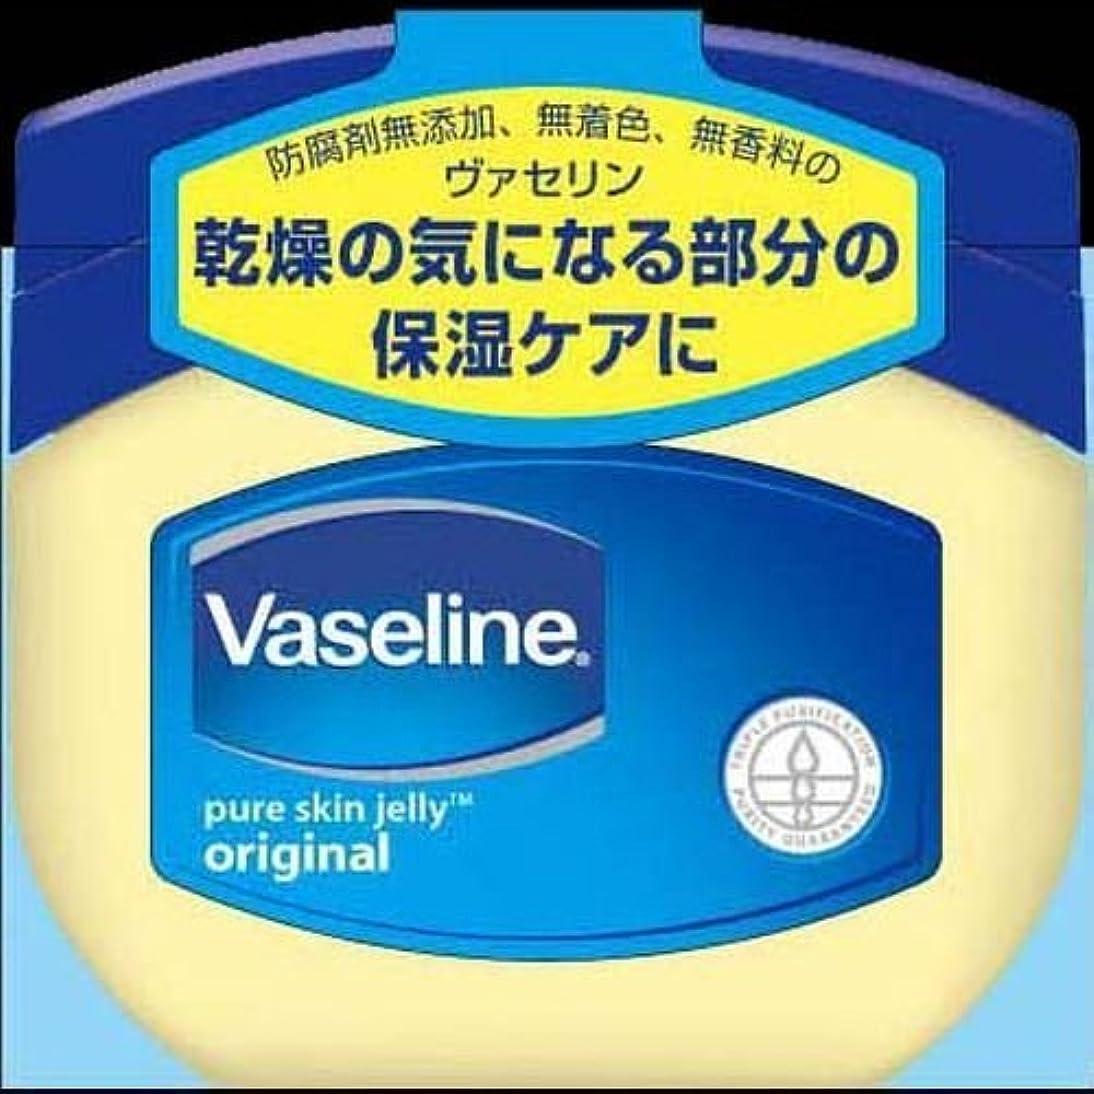 負花束友だち【まとめ買い】ヴァセリン オリジナルピュアスキンジェリー 80g ×2セット